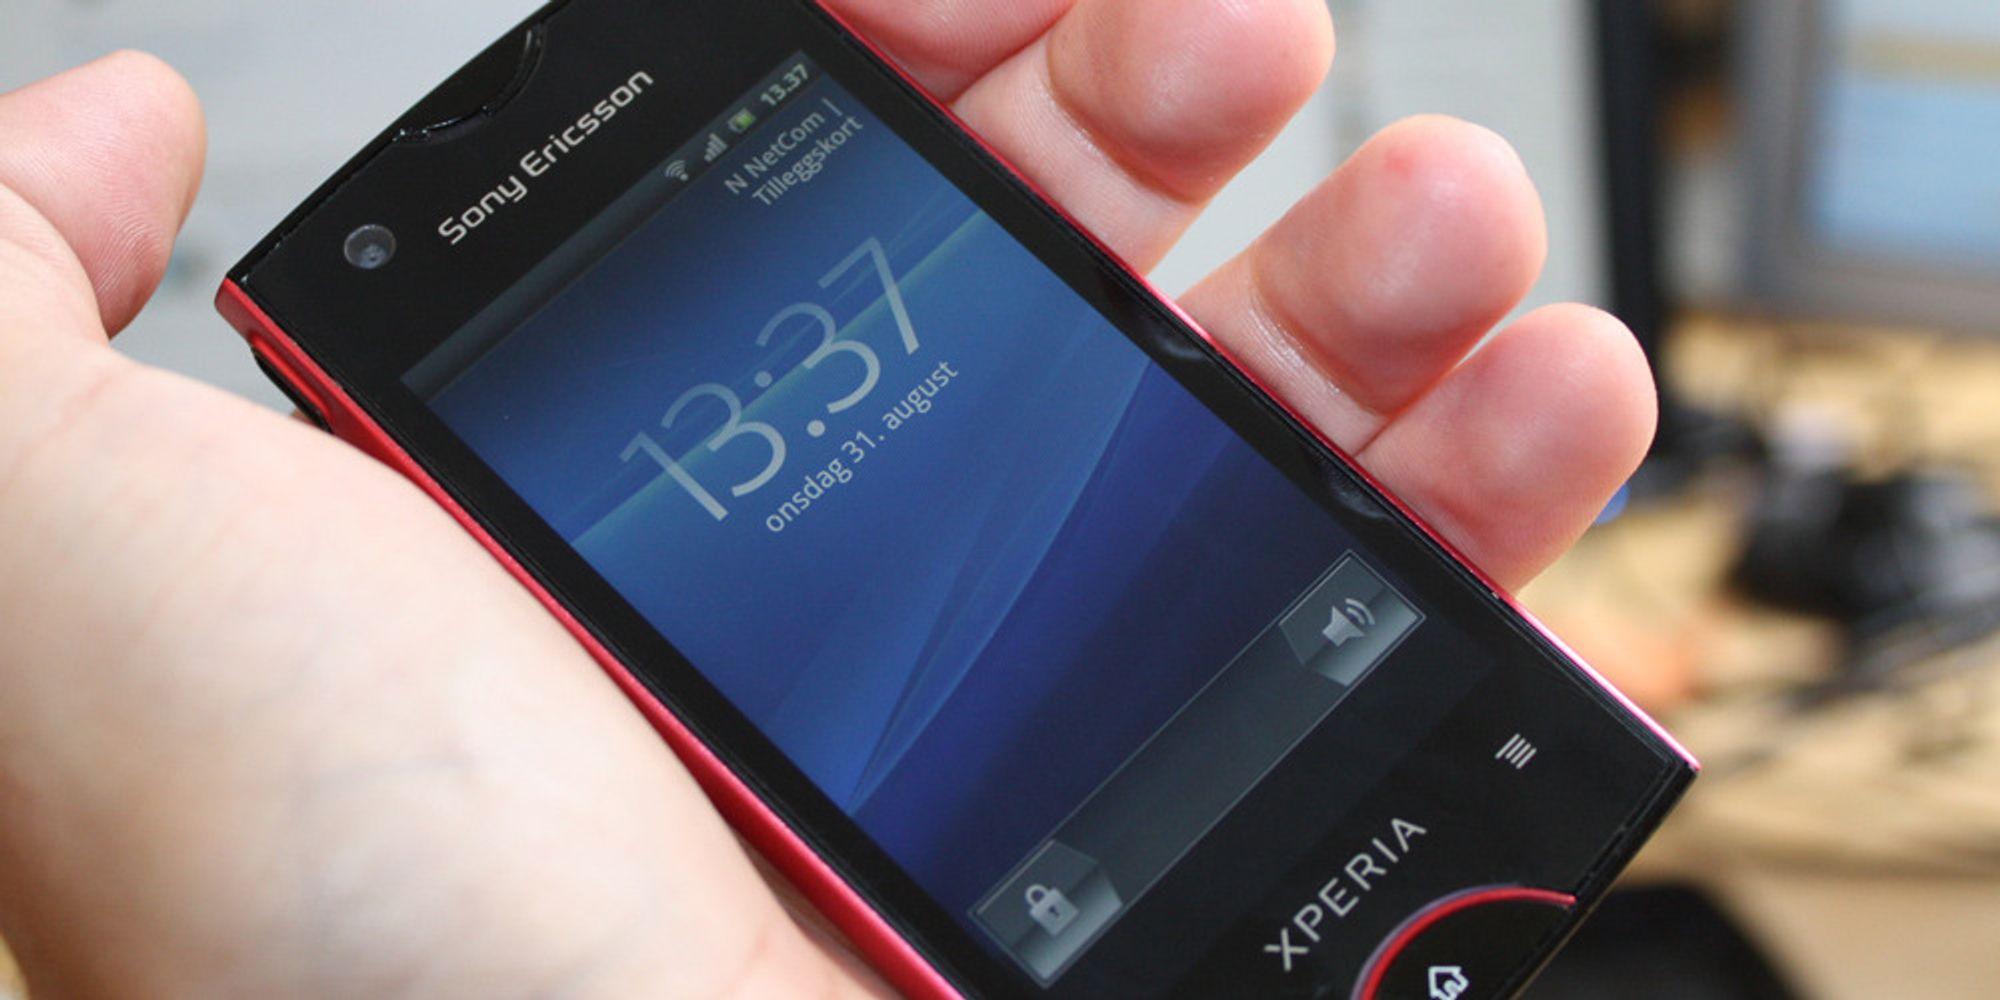 Test av Sony Ericsson Xperia Ray